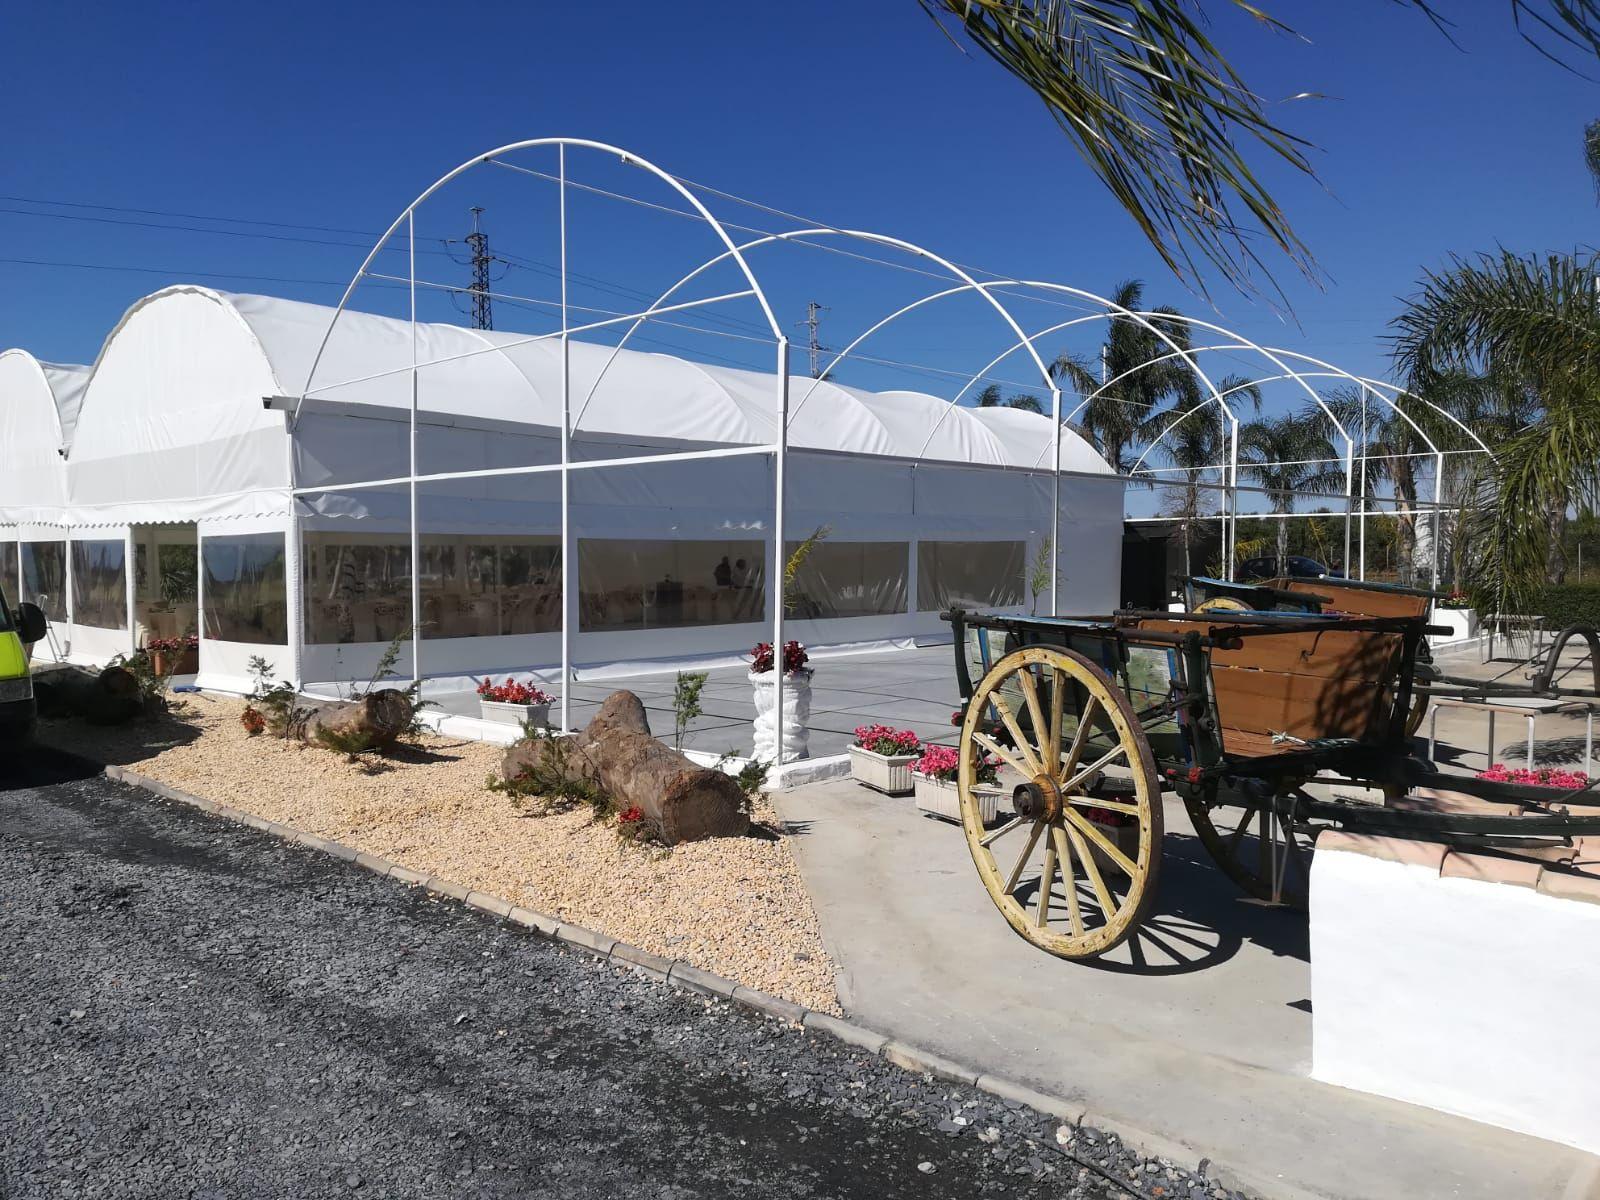 Foto 8 de Venta e instalación de toldos en Huelva en Bollullos Par del Condado | Toldos Alcántara